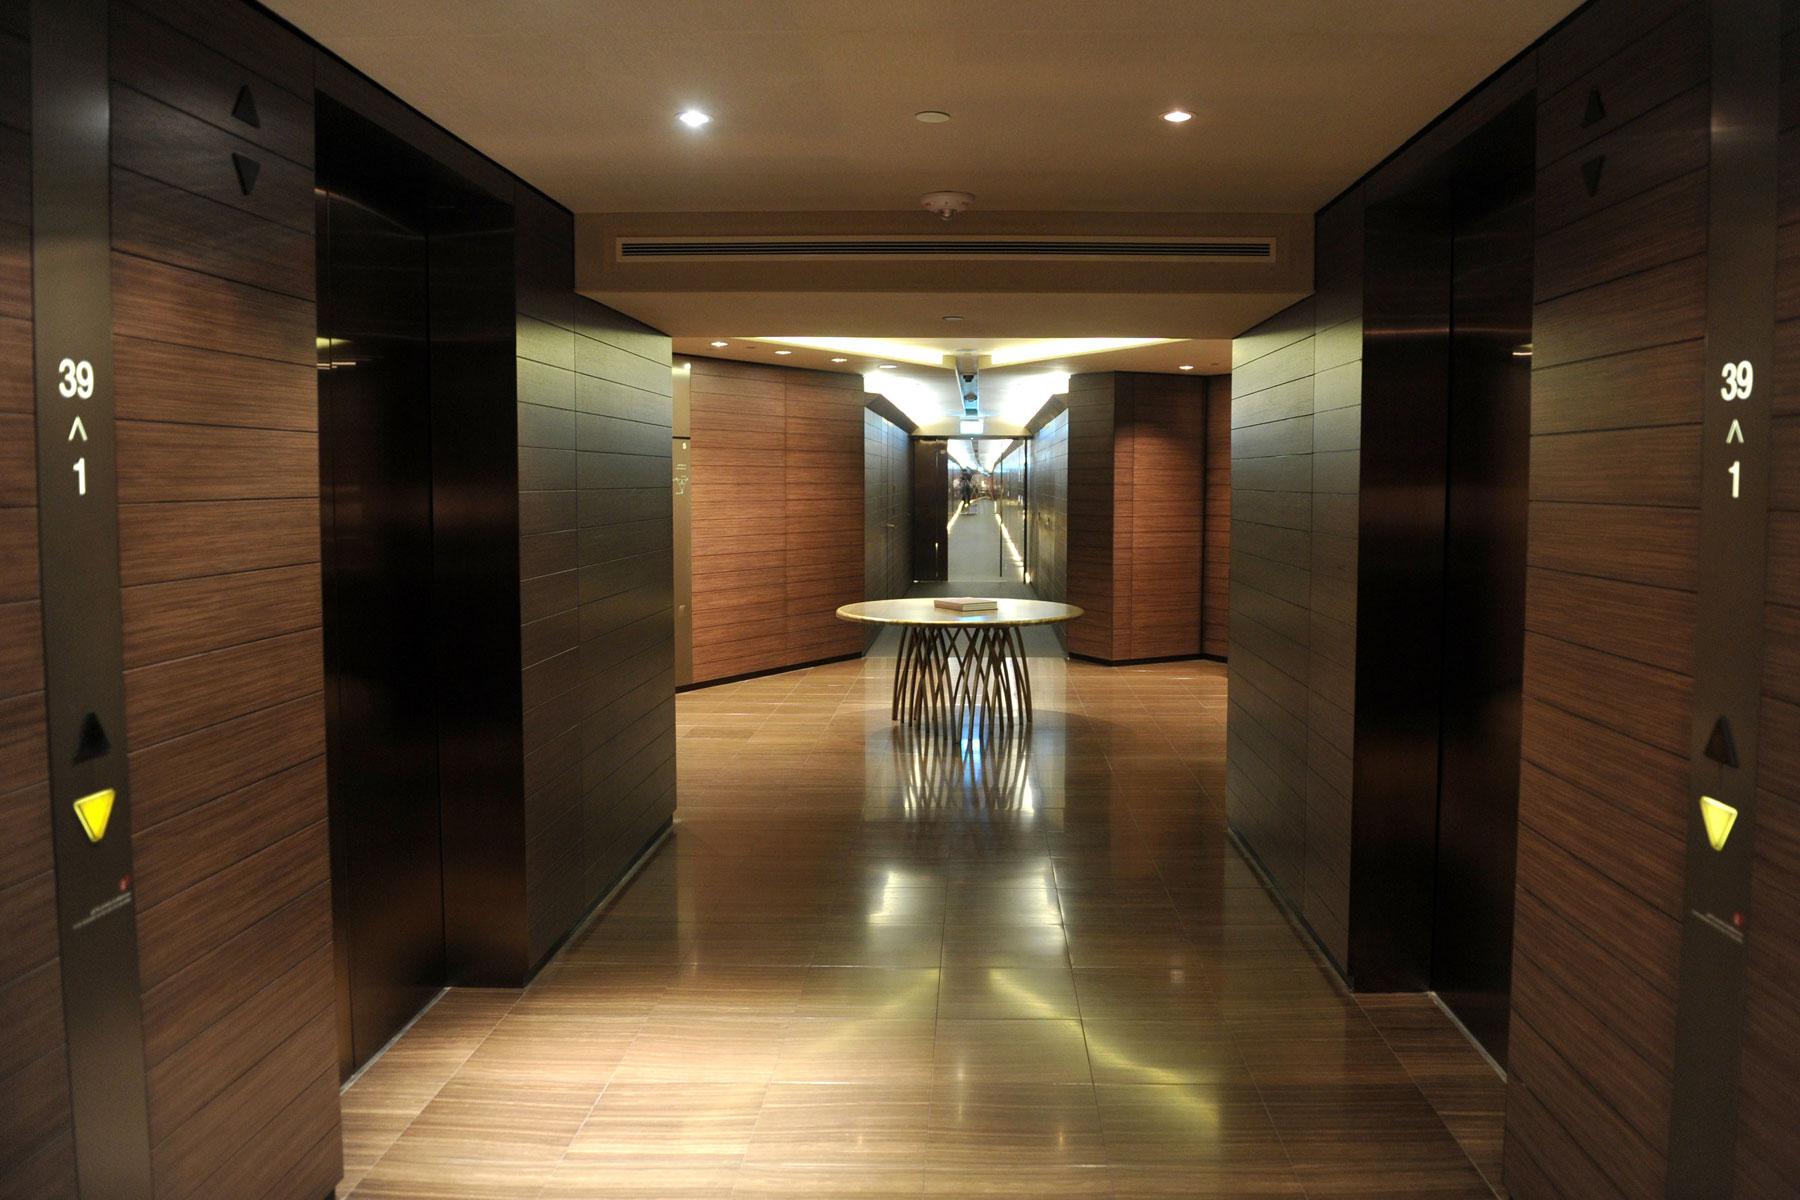 Legatto insider armani hotel dubai legatto lifestyle for Armani hotel dubai interior design